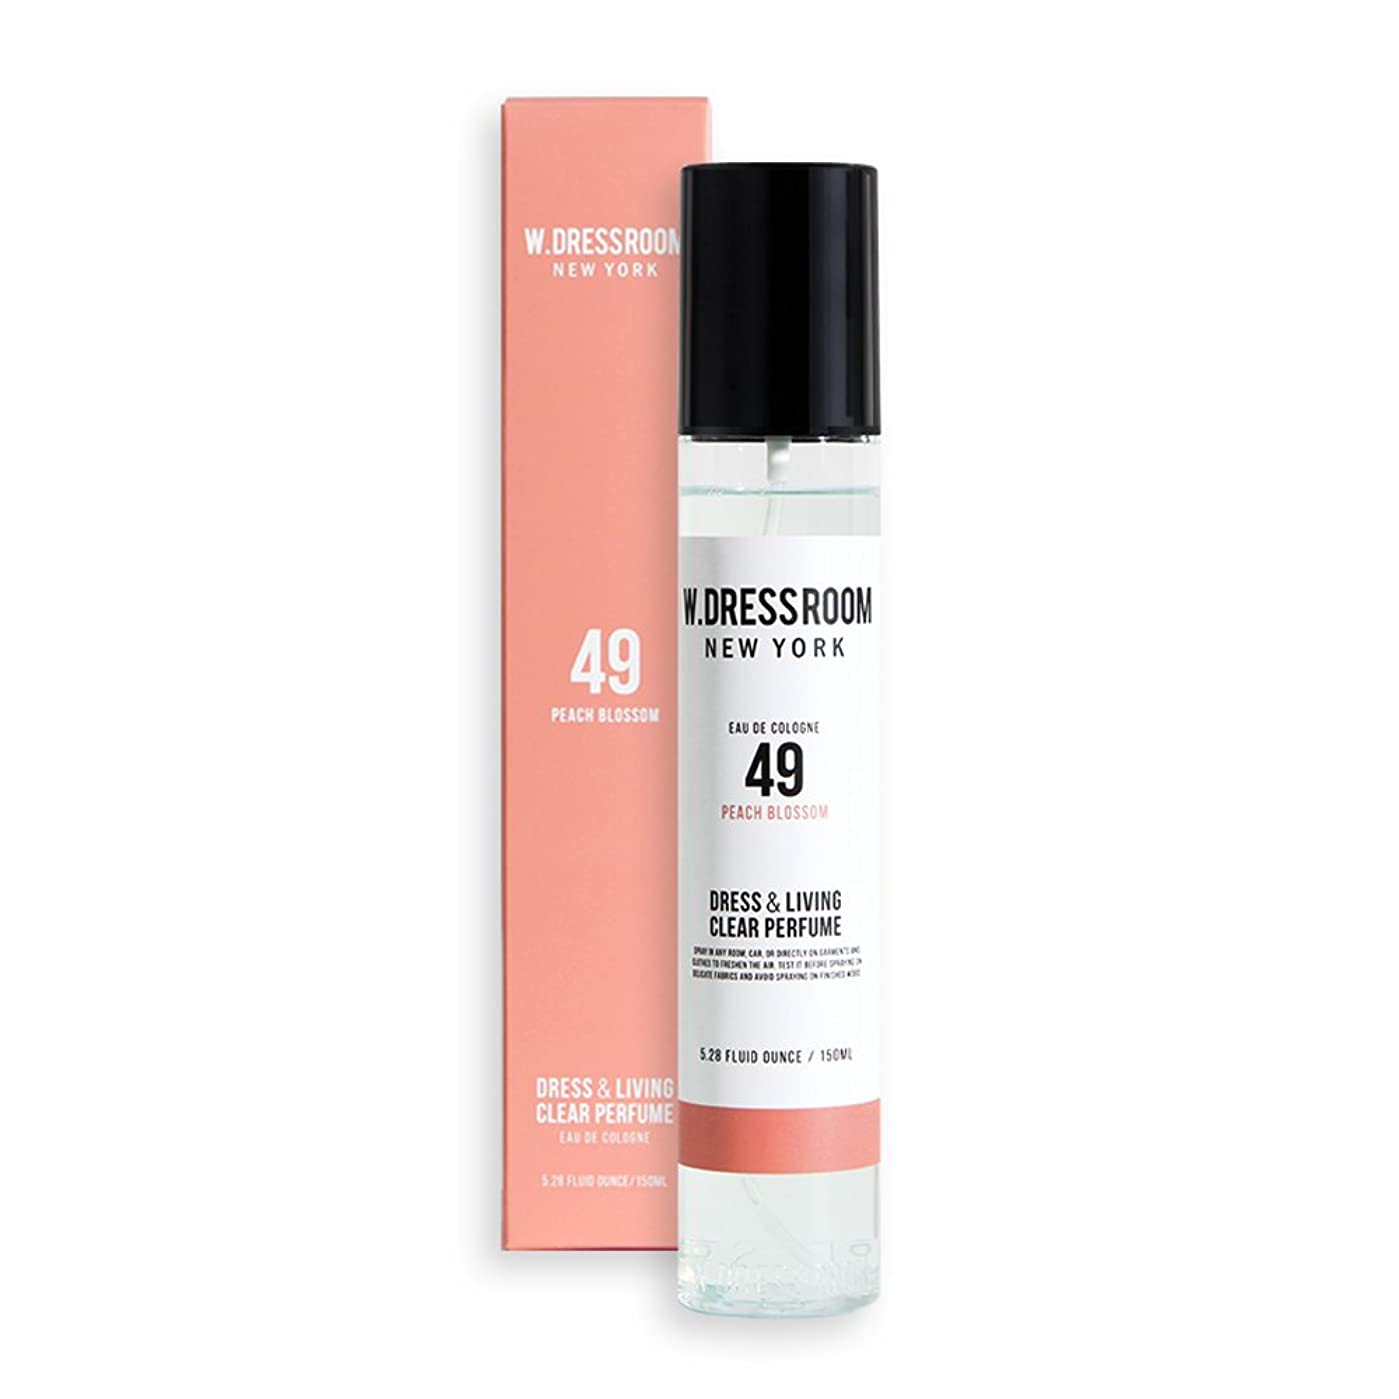 干渉する細胞送ったW.Dressroom 香水 エアフレッシャー ホームフレグランススプレー 150ml 49 ピーチブロッサム